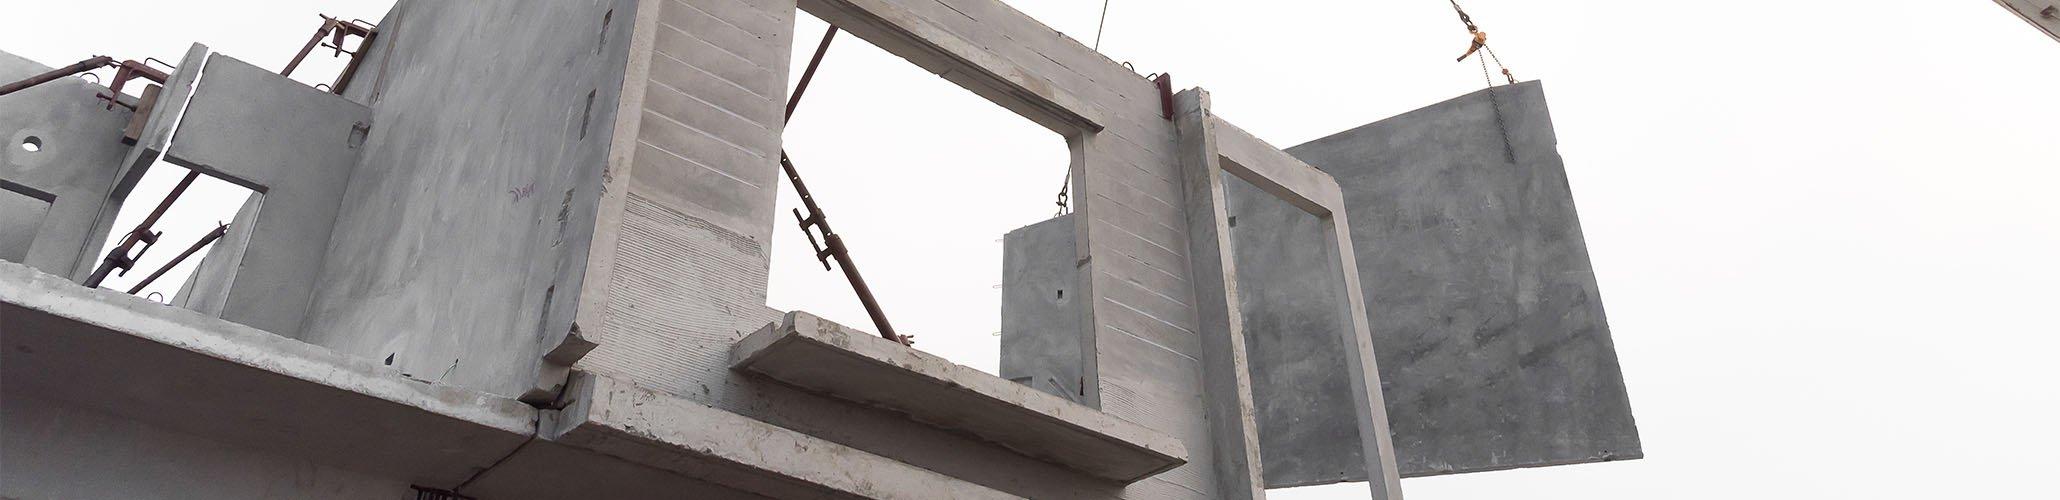 precast walls header img